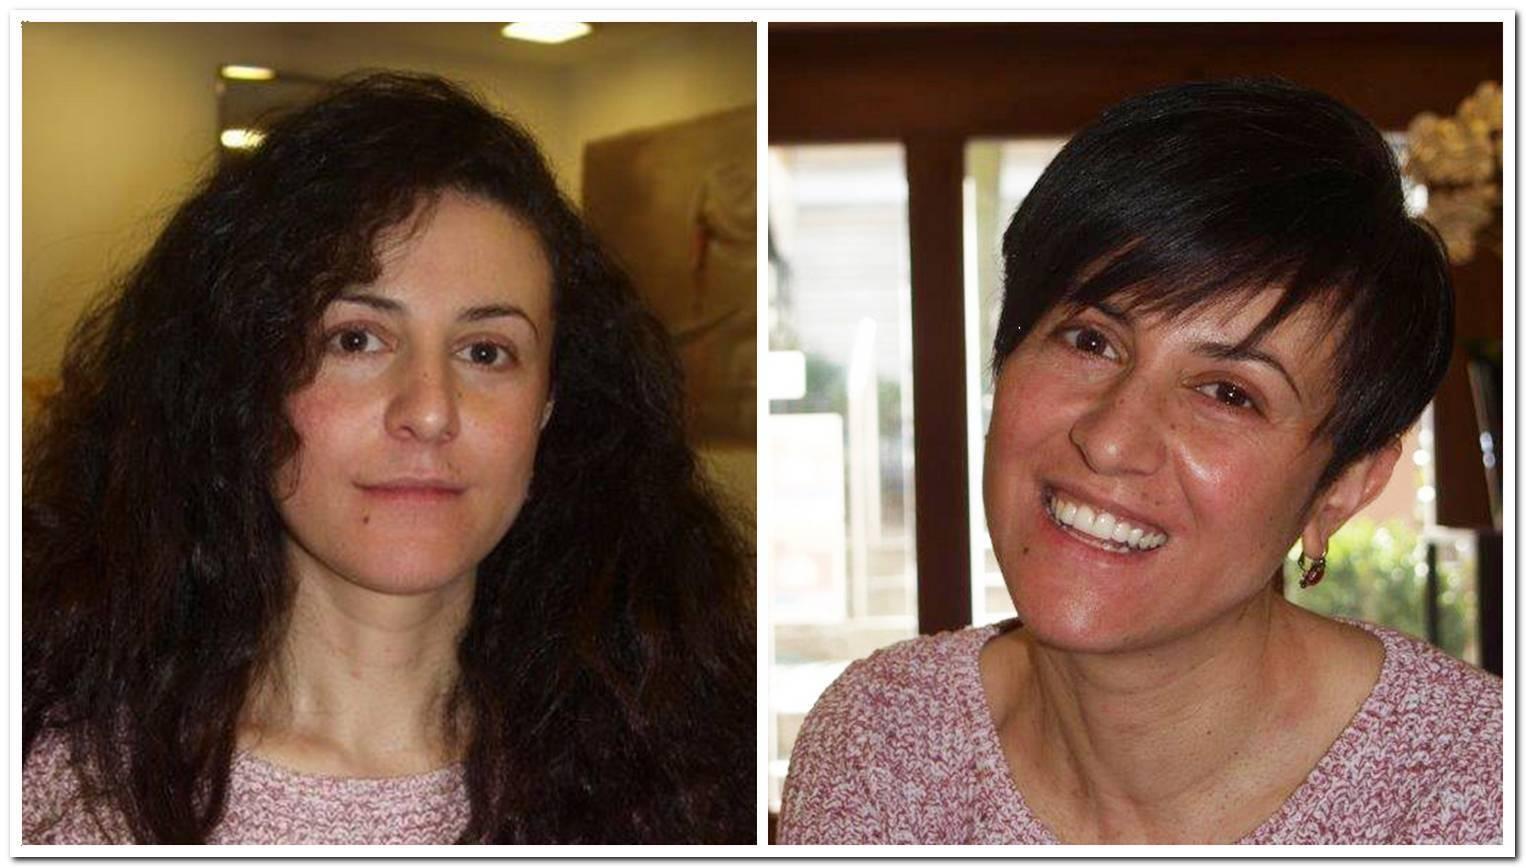 Frisuren Und Typberatung